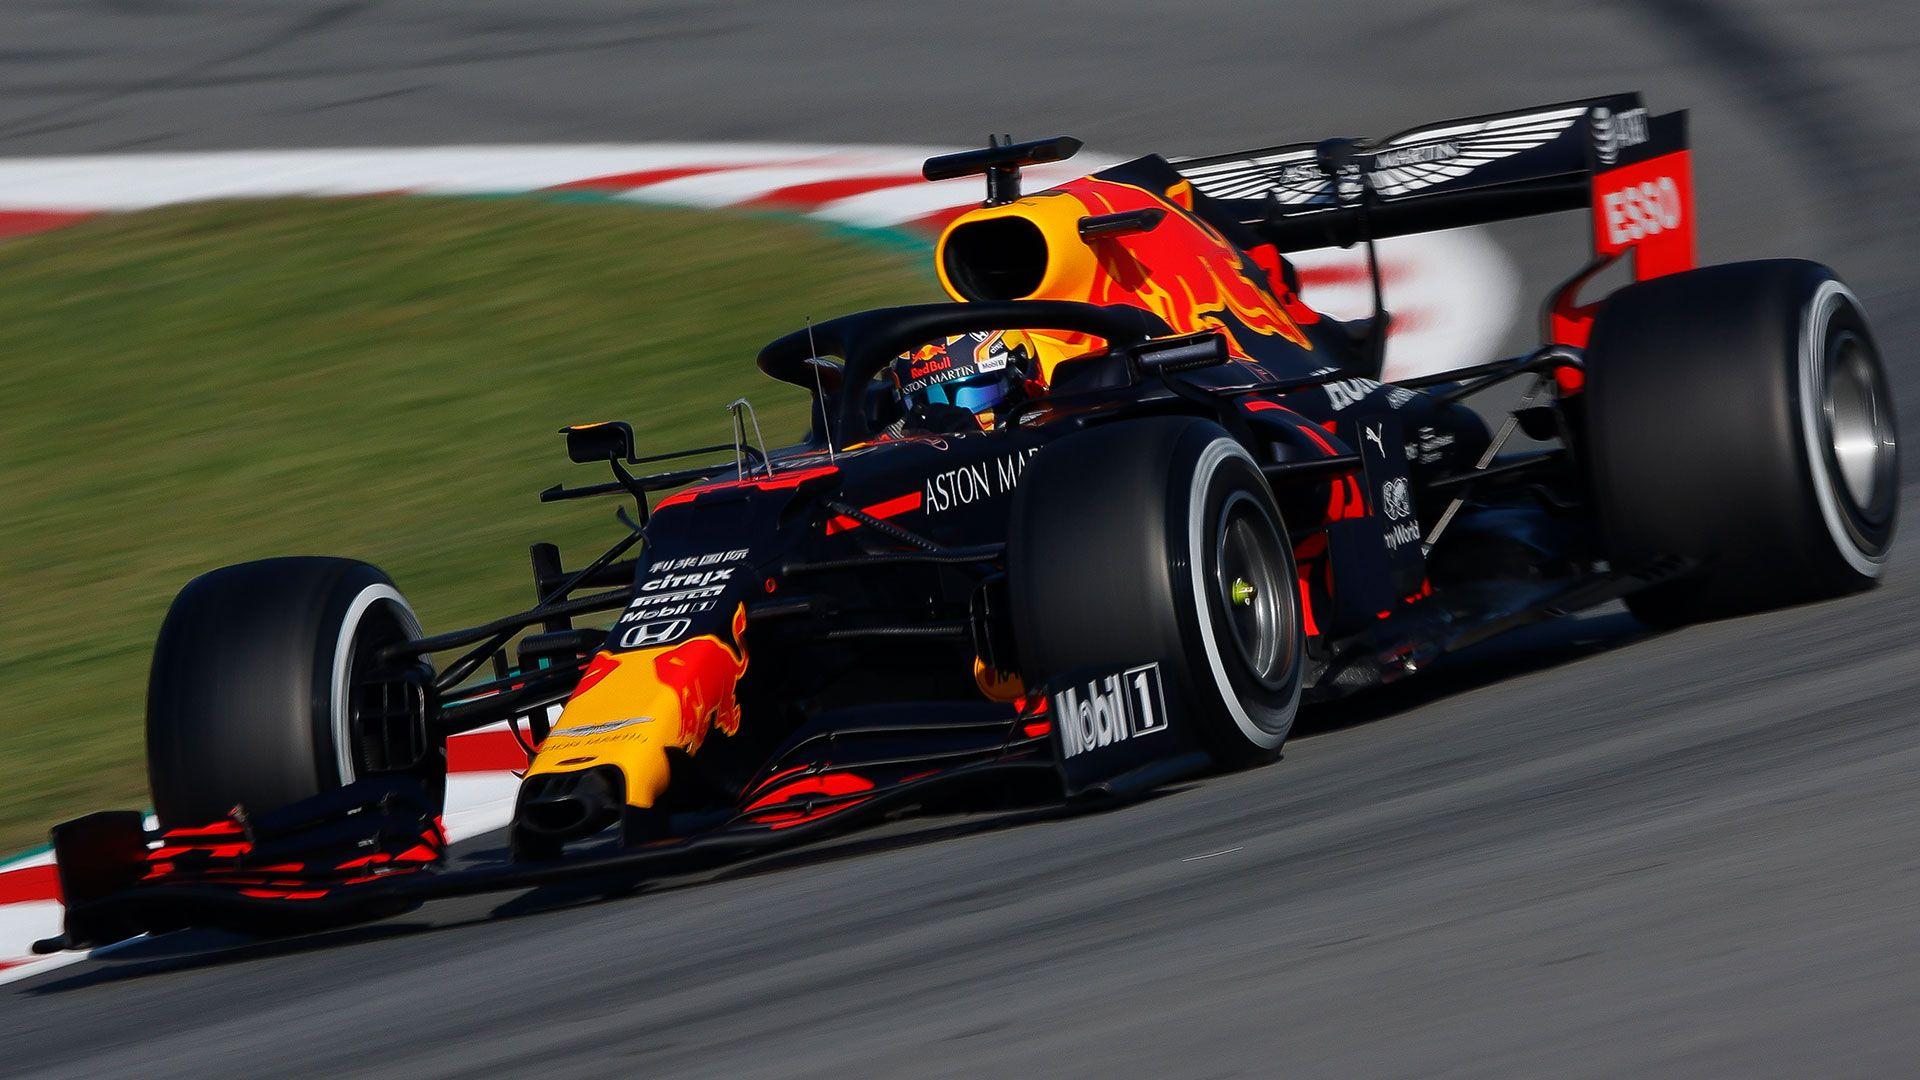 Formula 1 2020 Wallpapers - Wallpaper Cave